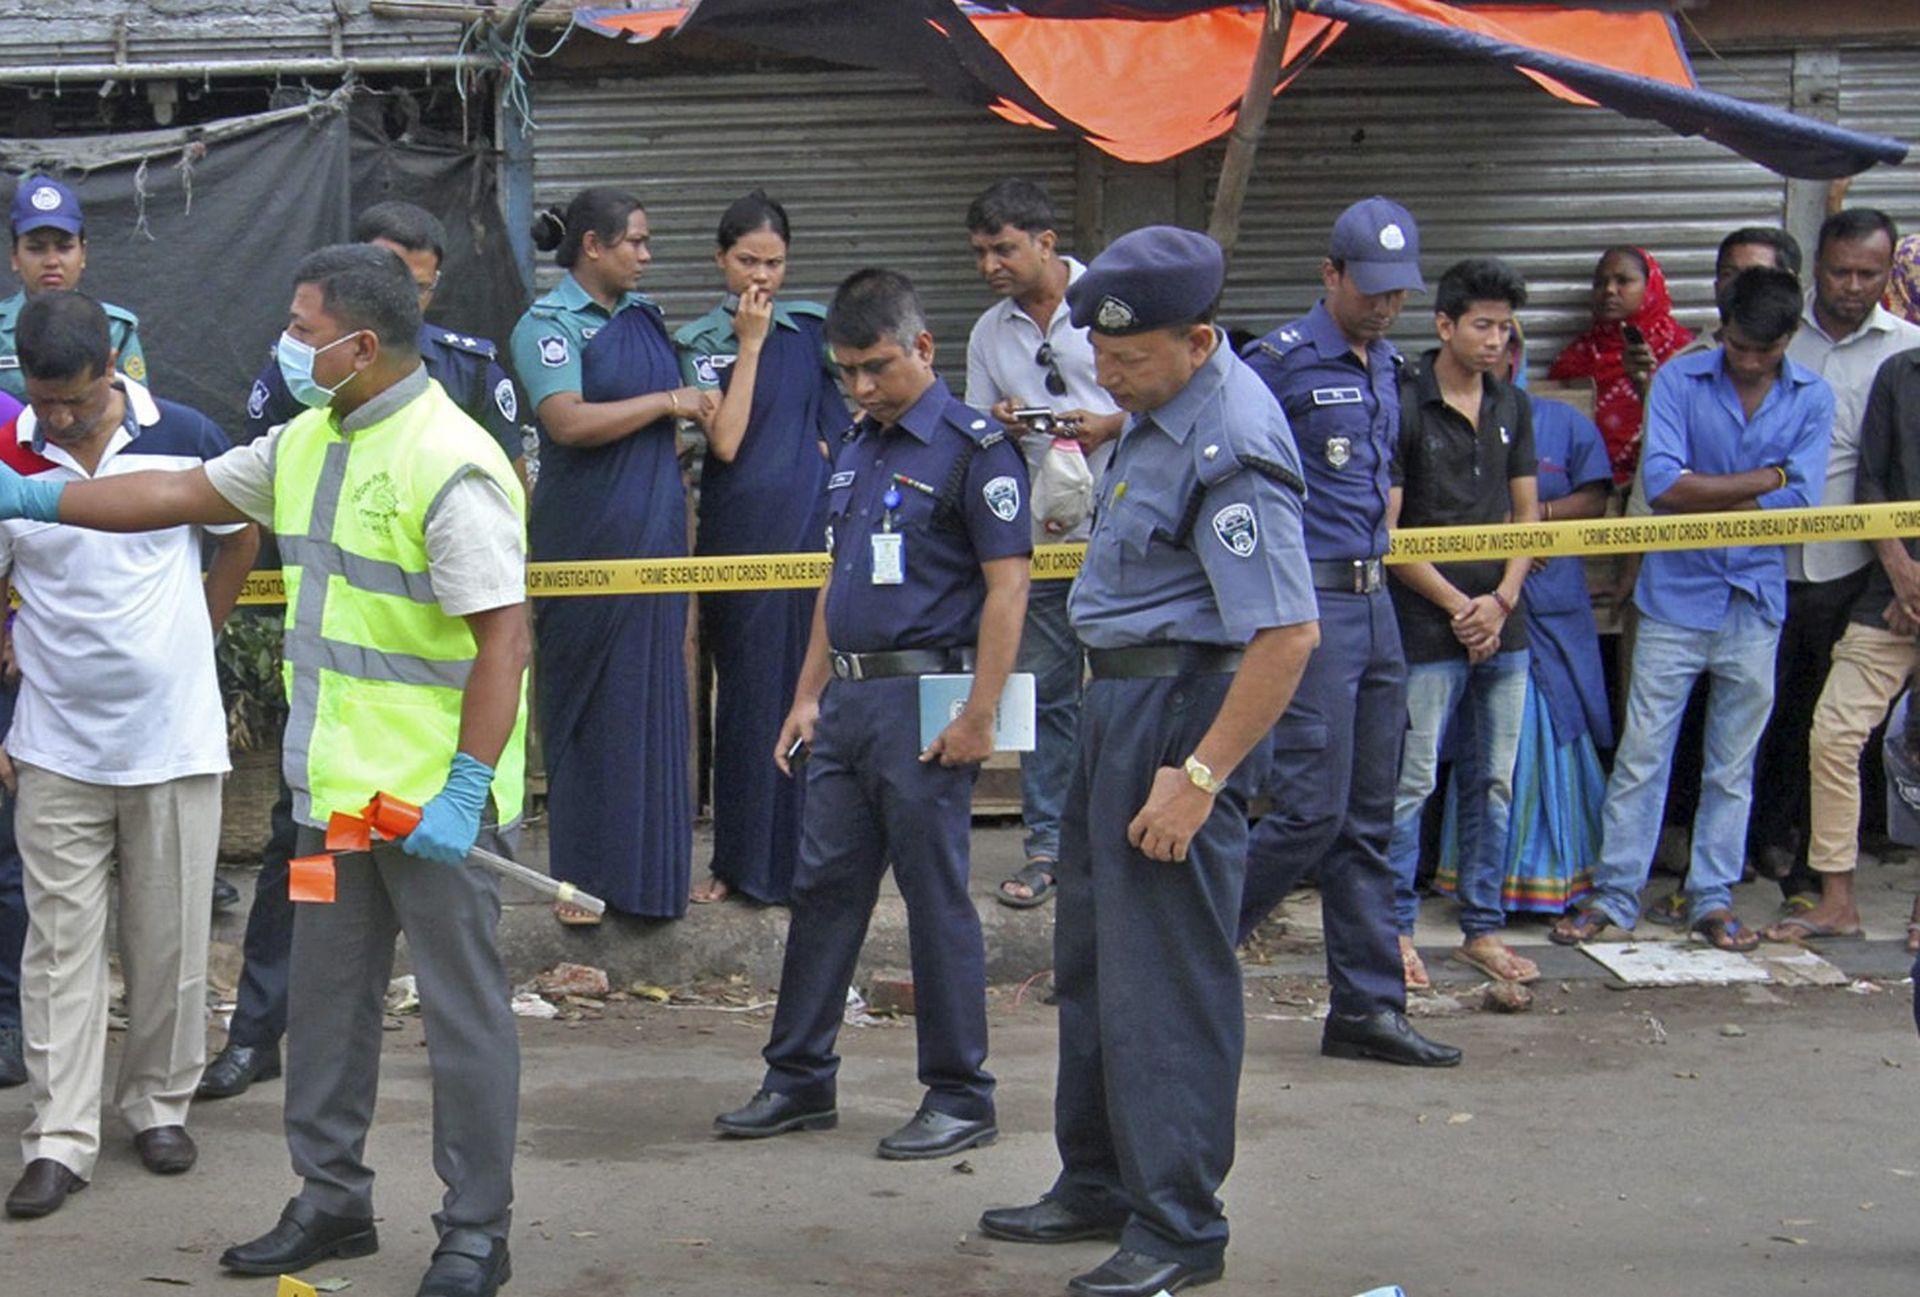 U kampanji protiv droge policija ubila 86 ljudi